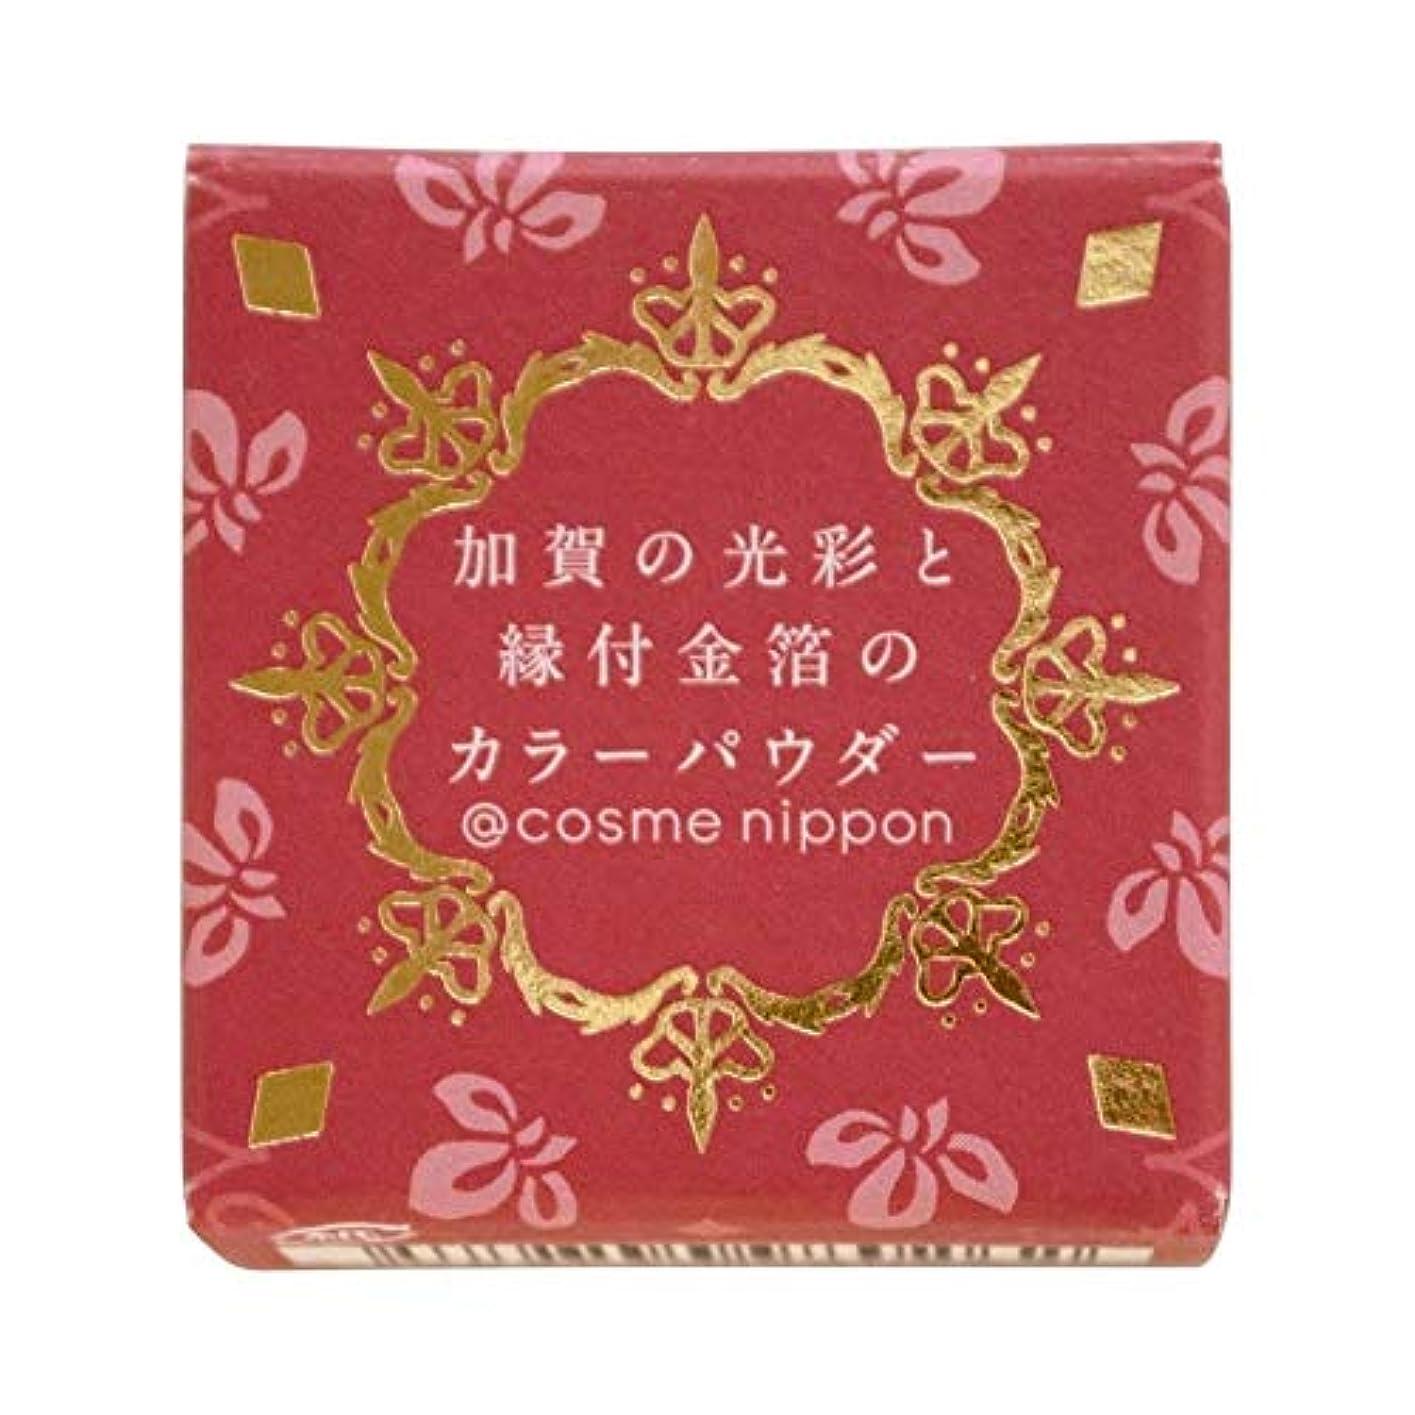 バタフライファックスきゅうり友禅工芸 すずらん加賀の光彩と縁付け金箔のカラーパウダー02臙脂えんじ